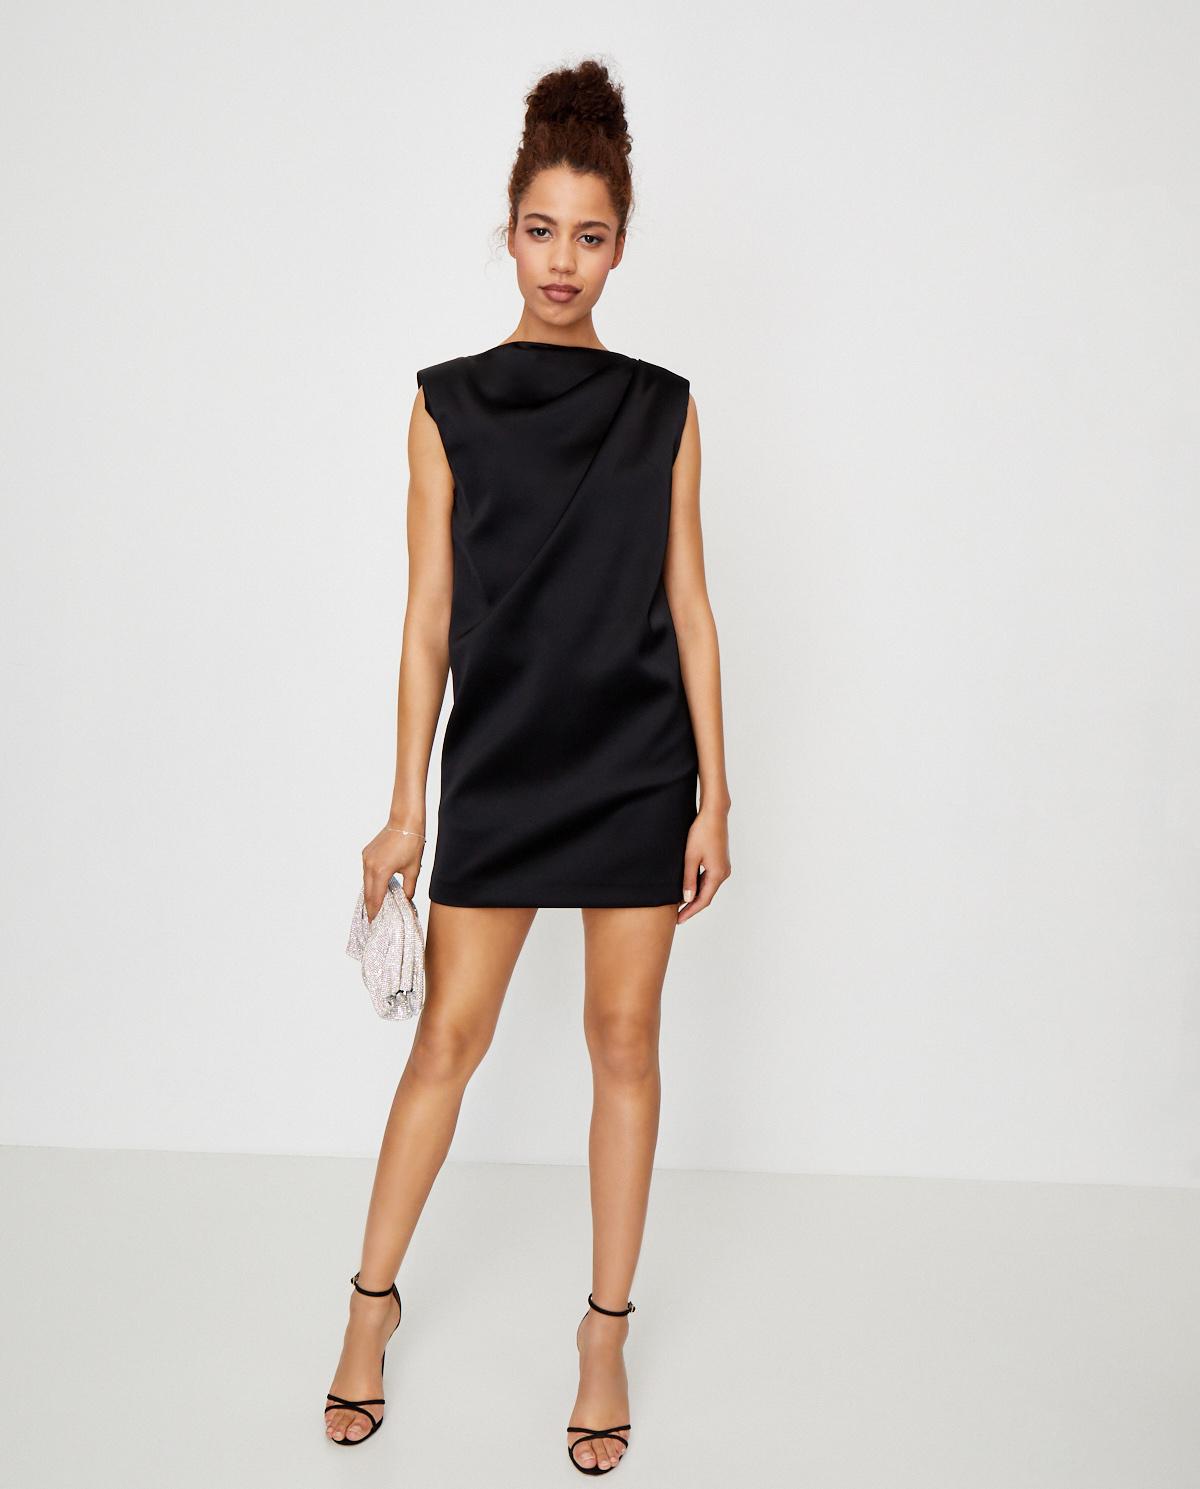 Czarna sukienka Cali Gauge81 CALI BLACK